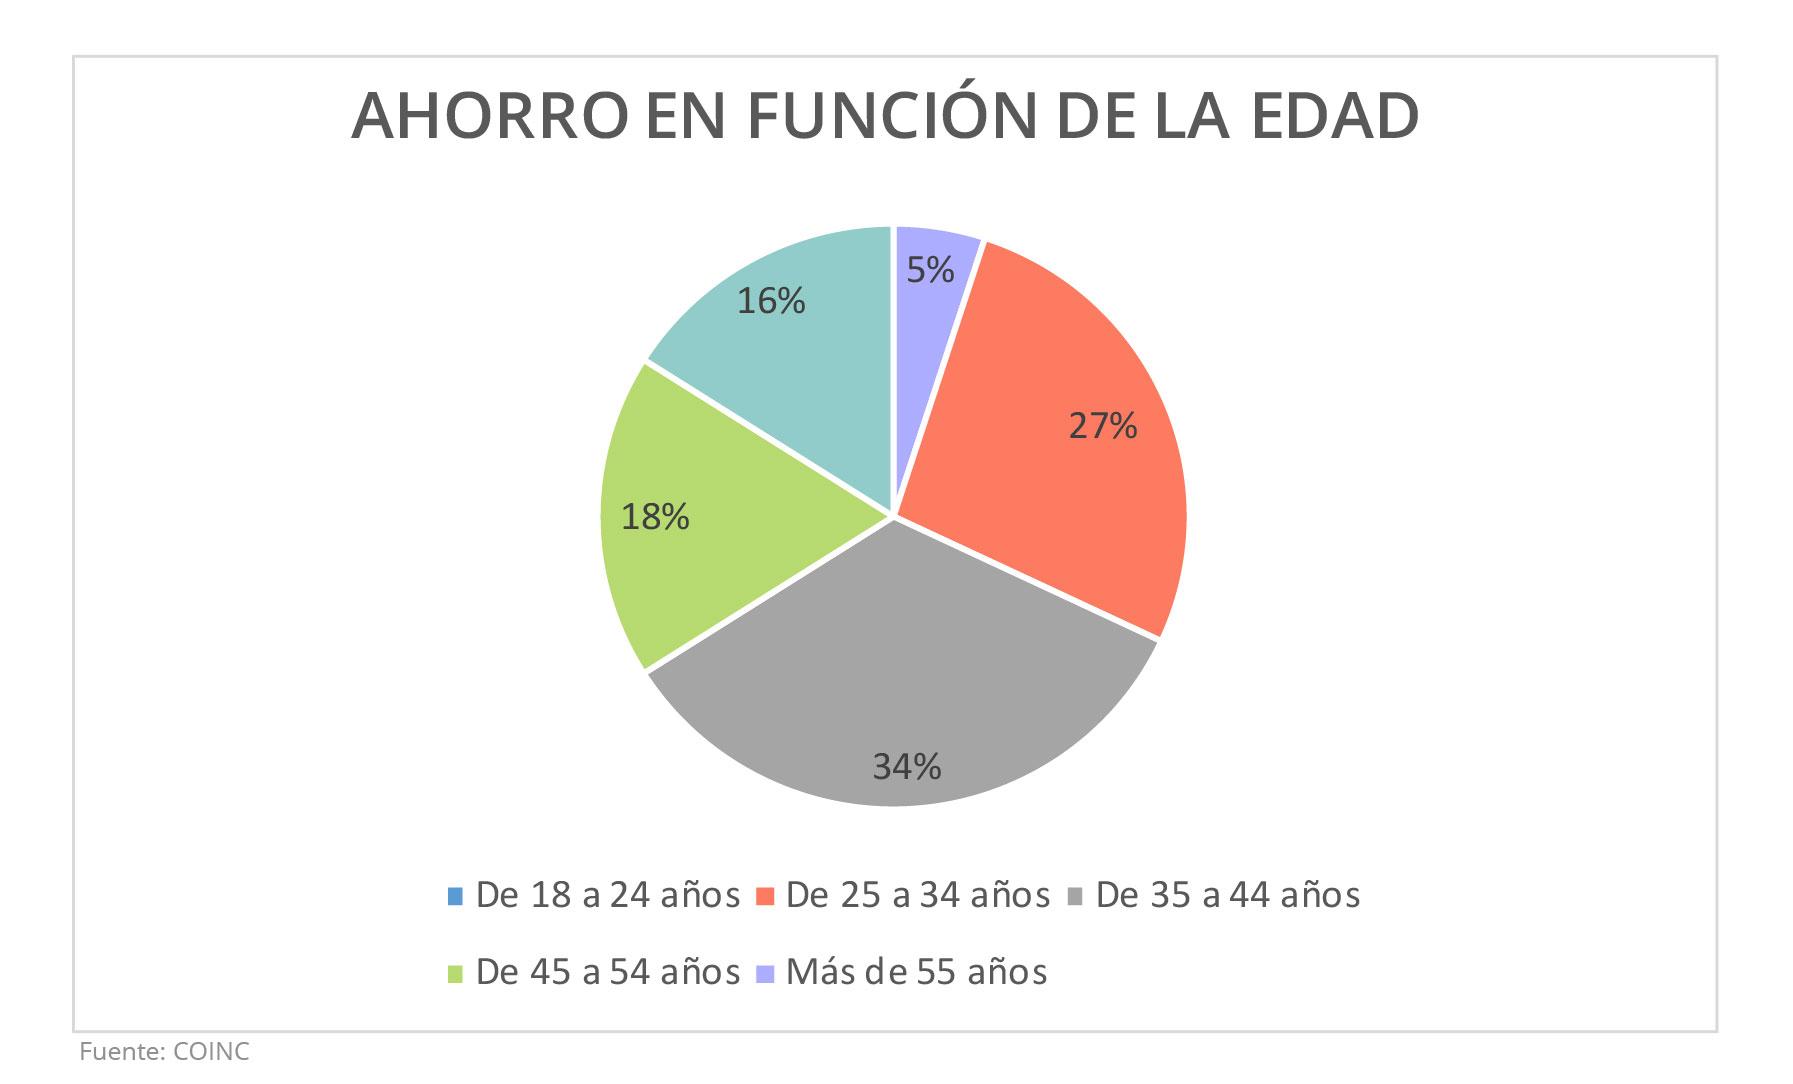 El Ahorro de los españoles en función de la edad. Housers